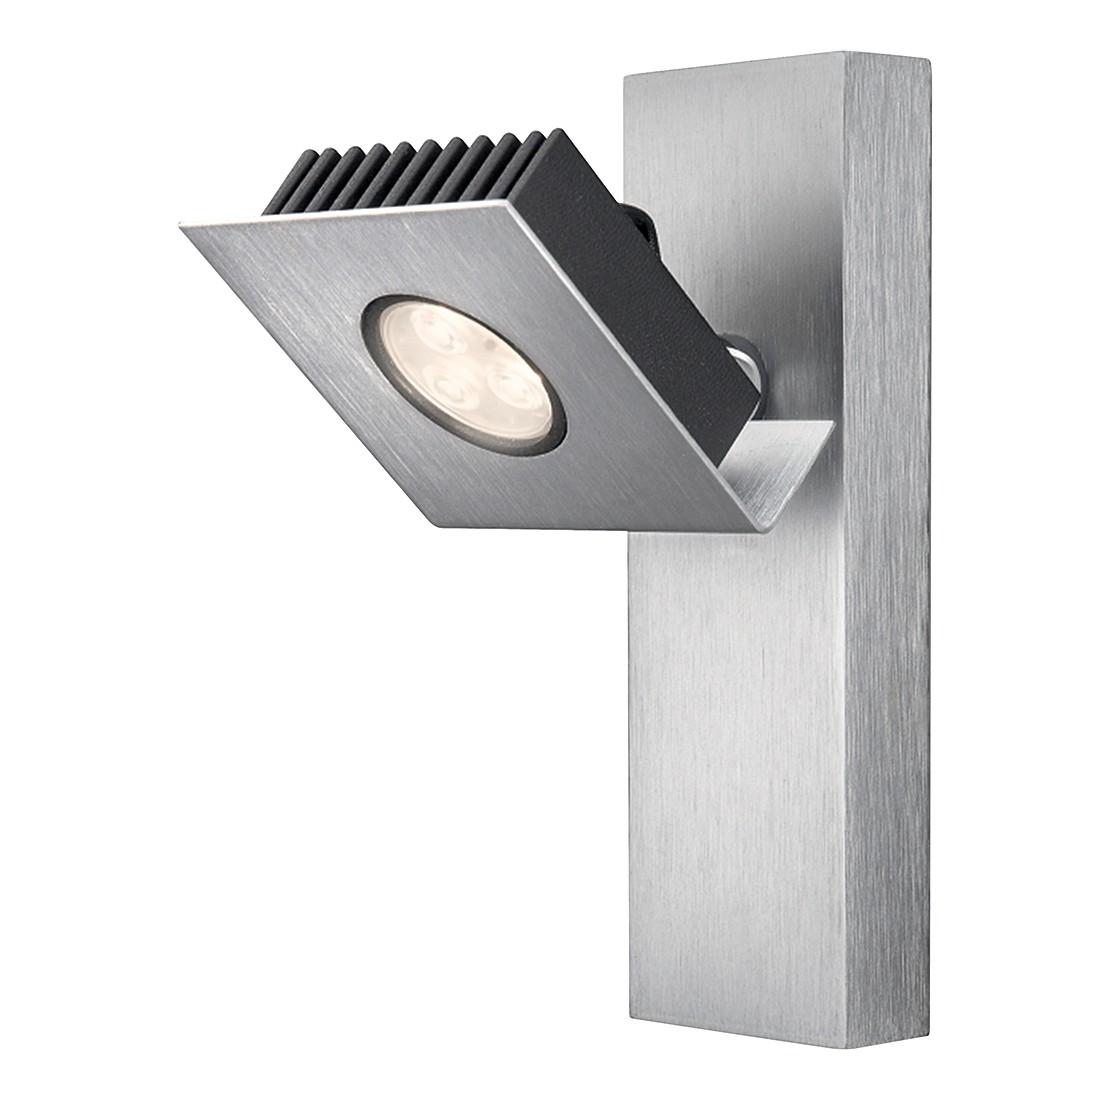 EEK A+, Wandleuchte Ledino – Aluminium – 1-flammig, Philips Ledino online kaufen